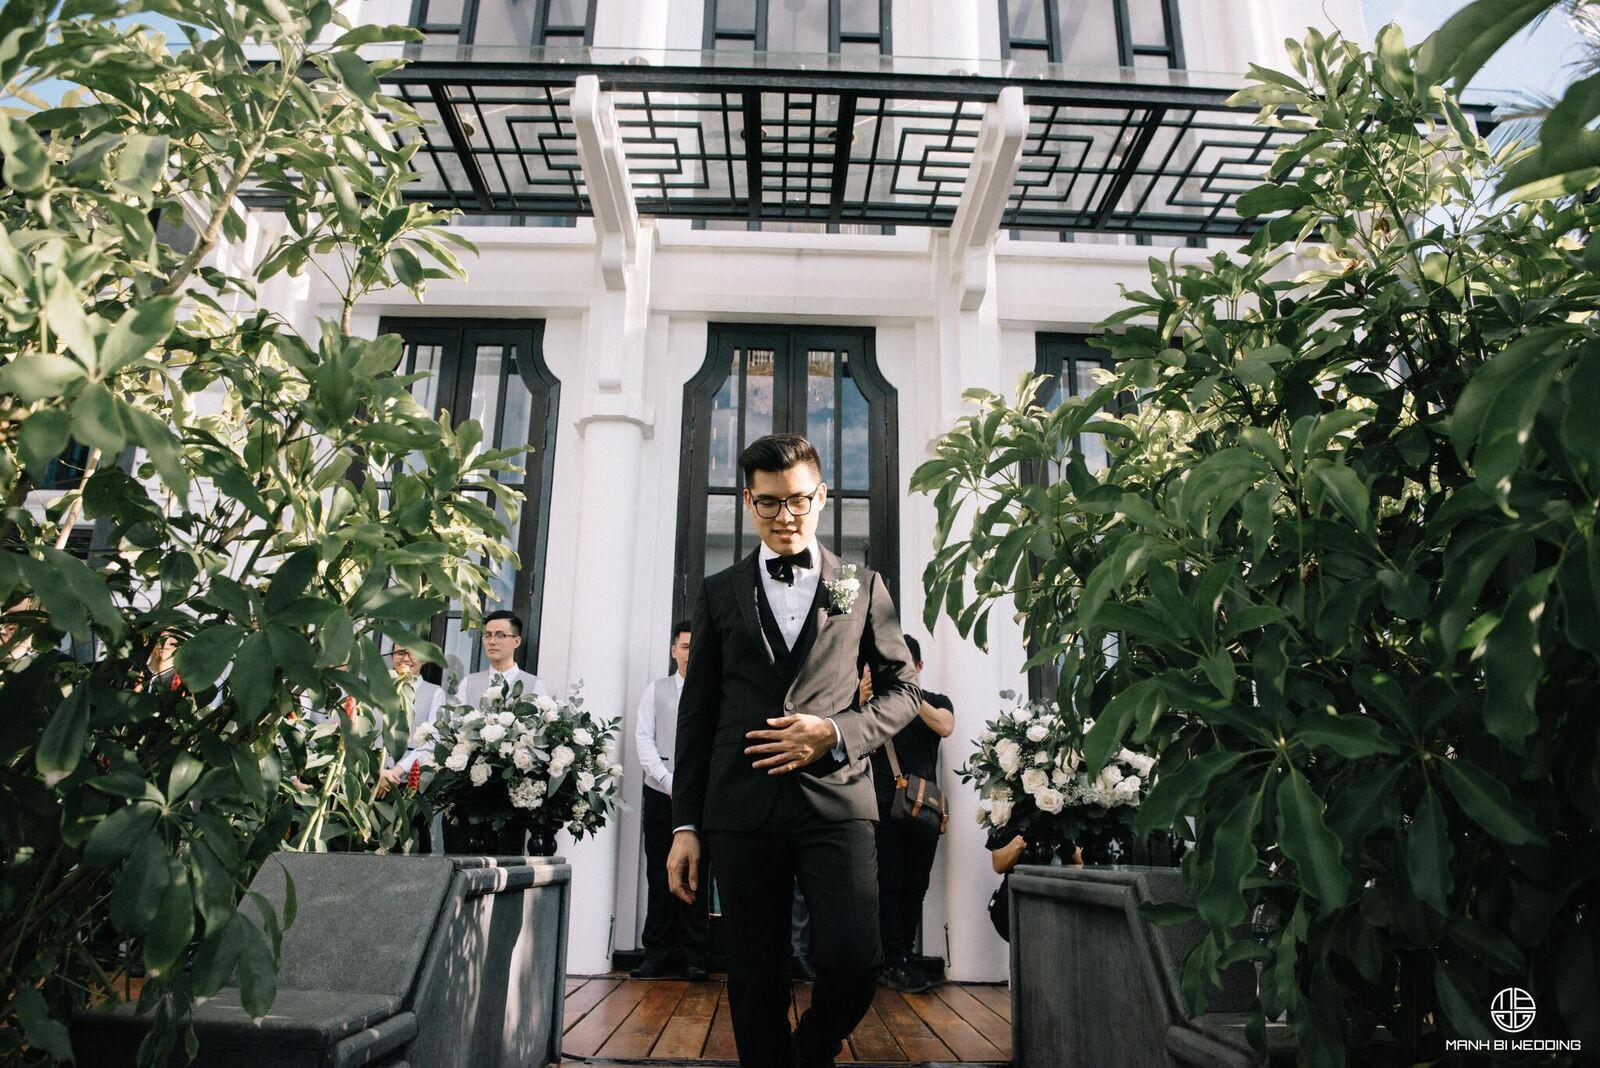 Nhà văn Gào chia sẻ nhiều thông tin thú vị về đám cưới như mơ ngay sau tiệc cưới hoành tráng trên bờ biển - Ảnh 11.